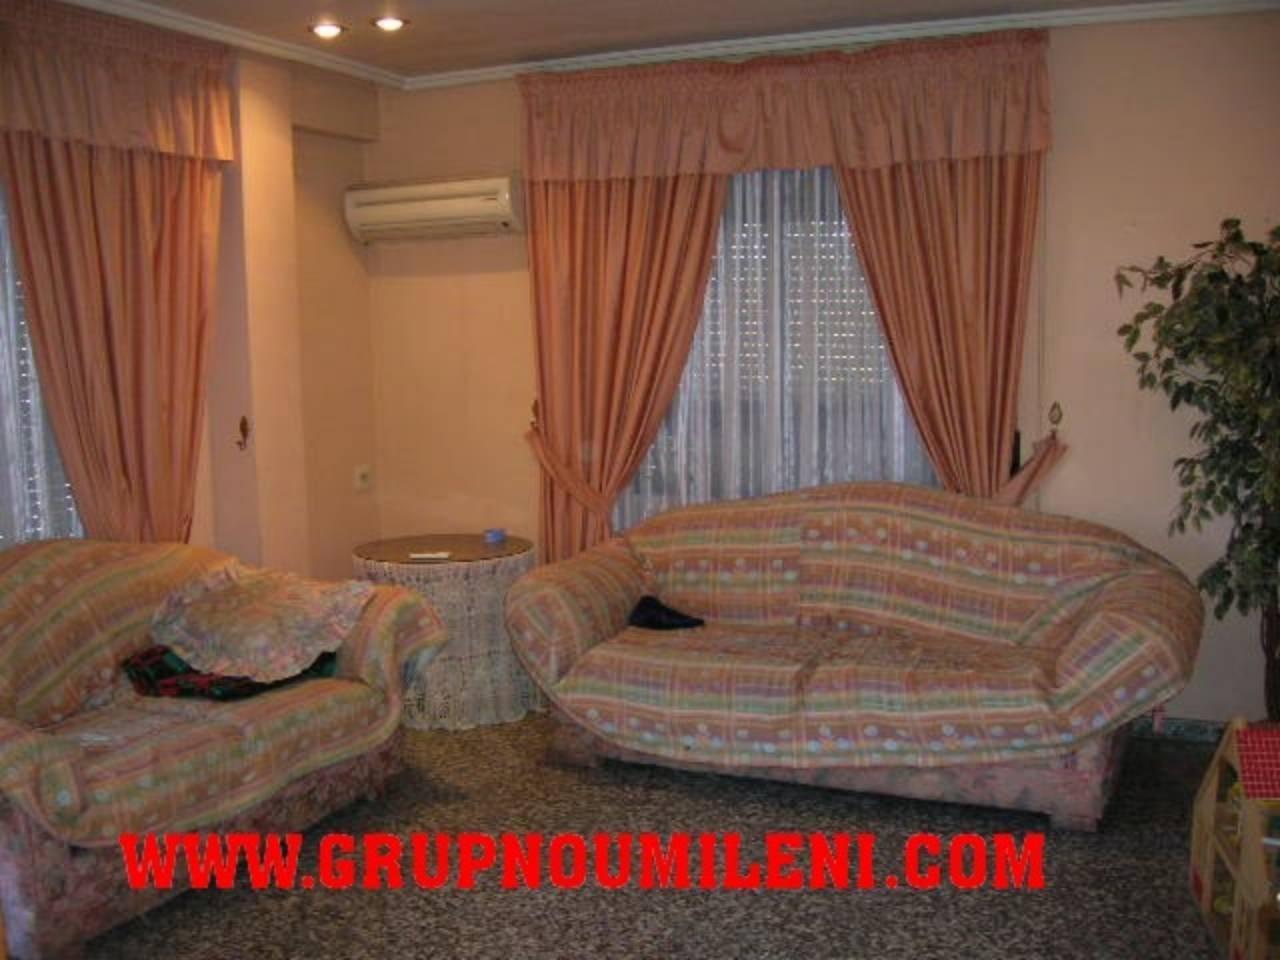 Rent Flat  Alfafar. Superf. 105 m²,  4 habitaciones (2 dobles,  2 individuales),  1